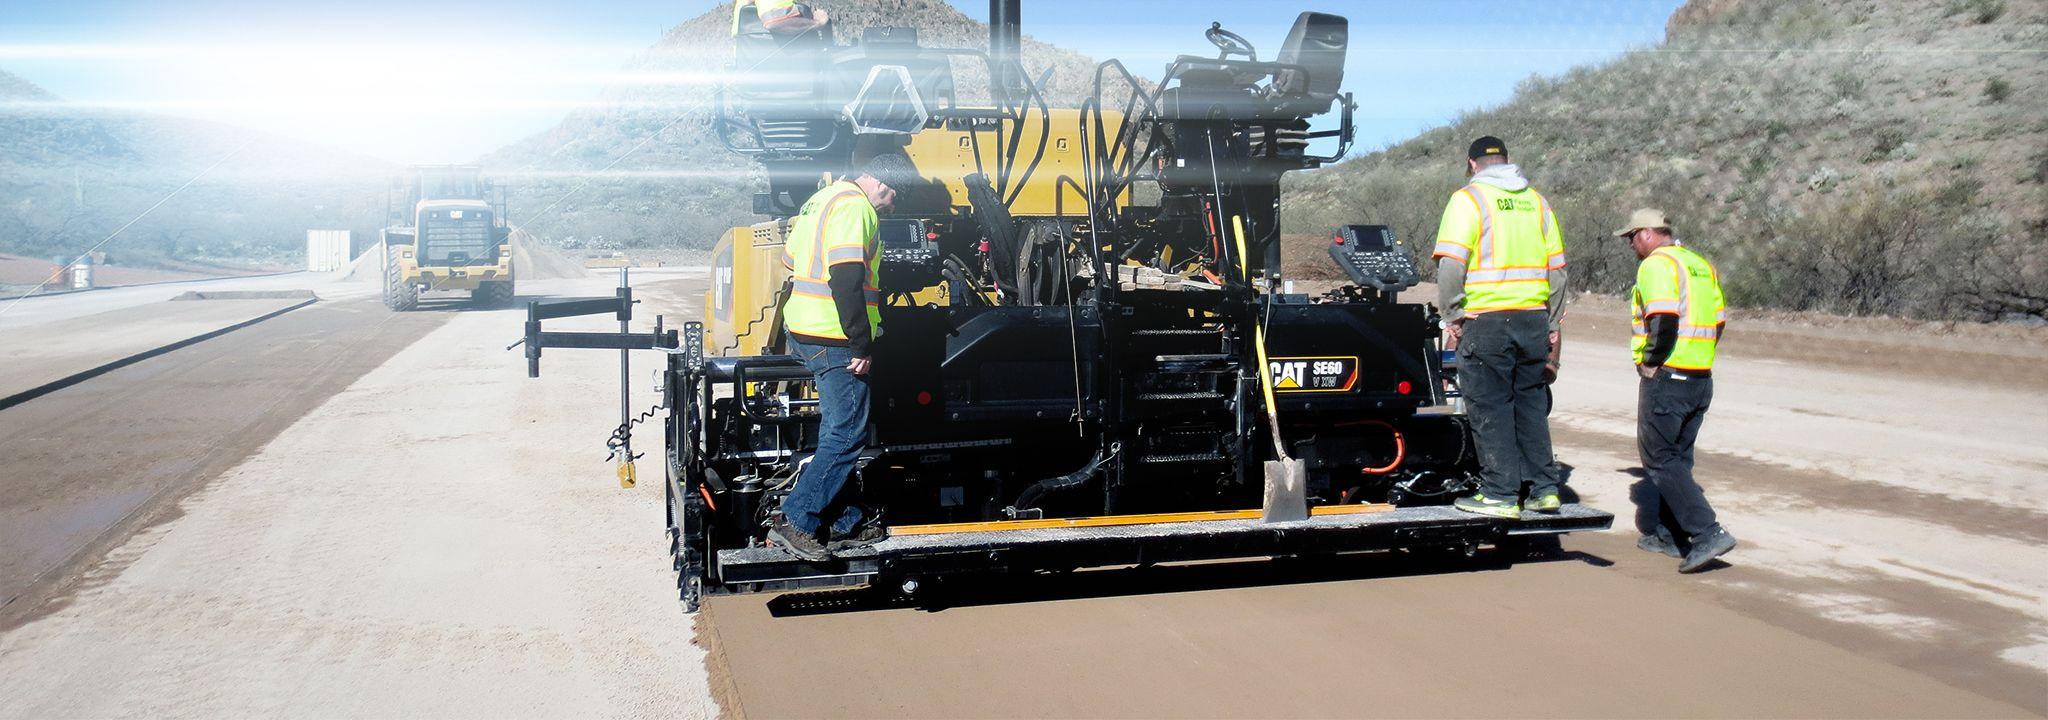 asphalt paving training